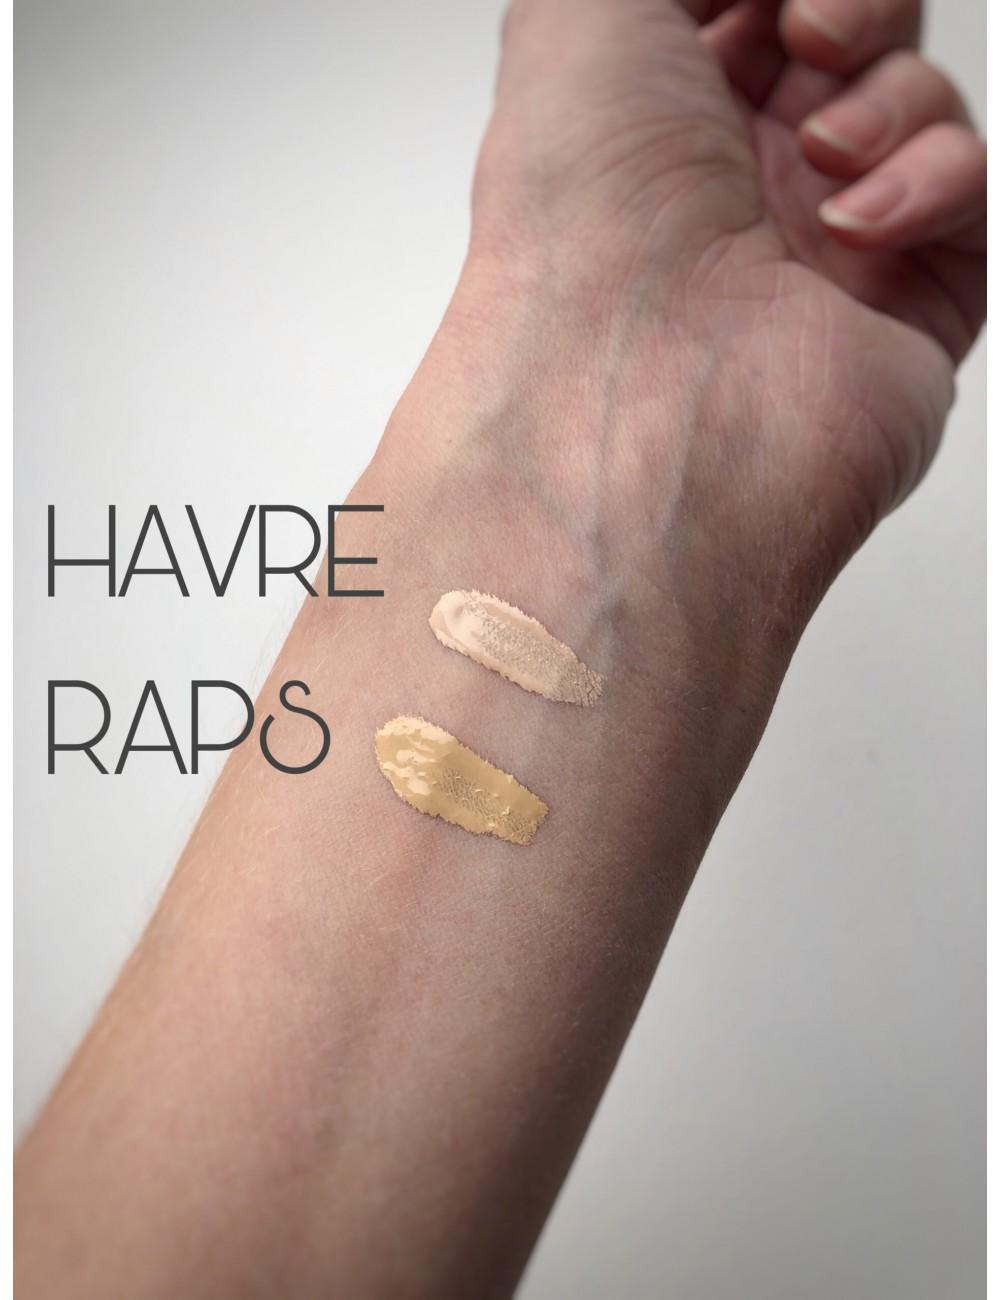 Kozmetika-Moja.Si NOAH 1.5 čistilni šampon z zelenim čajem in baziliko, proti prhljaju in luščenju lasišča